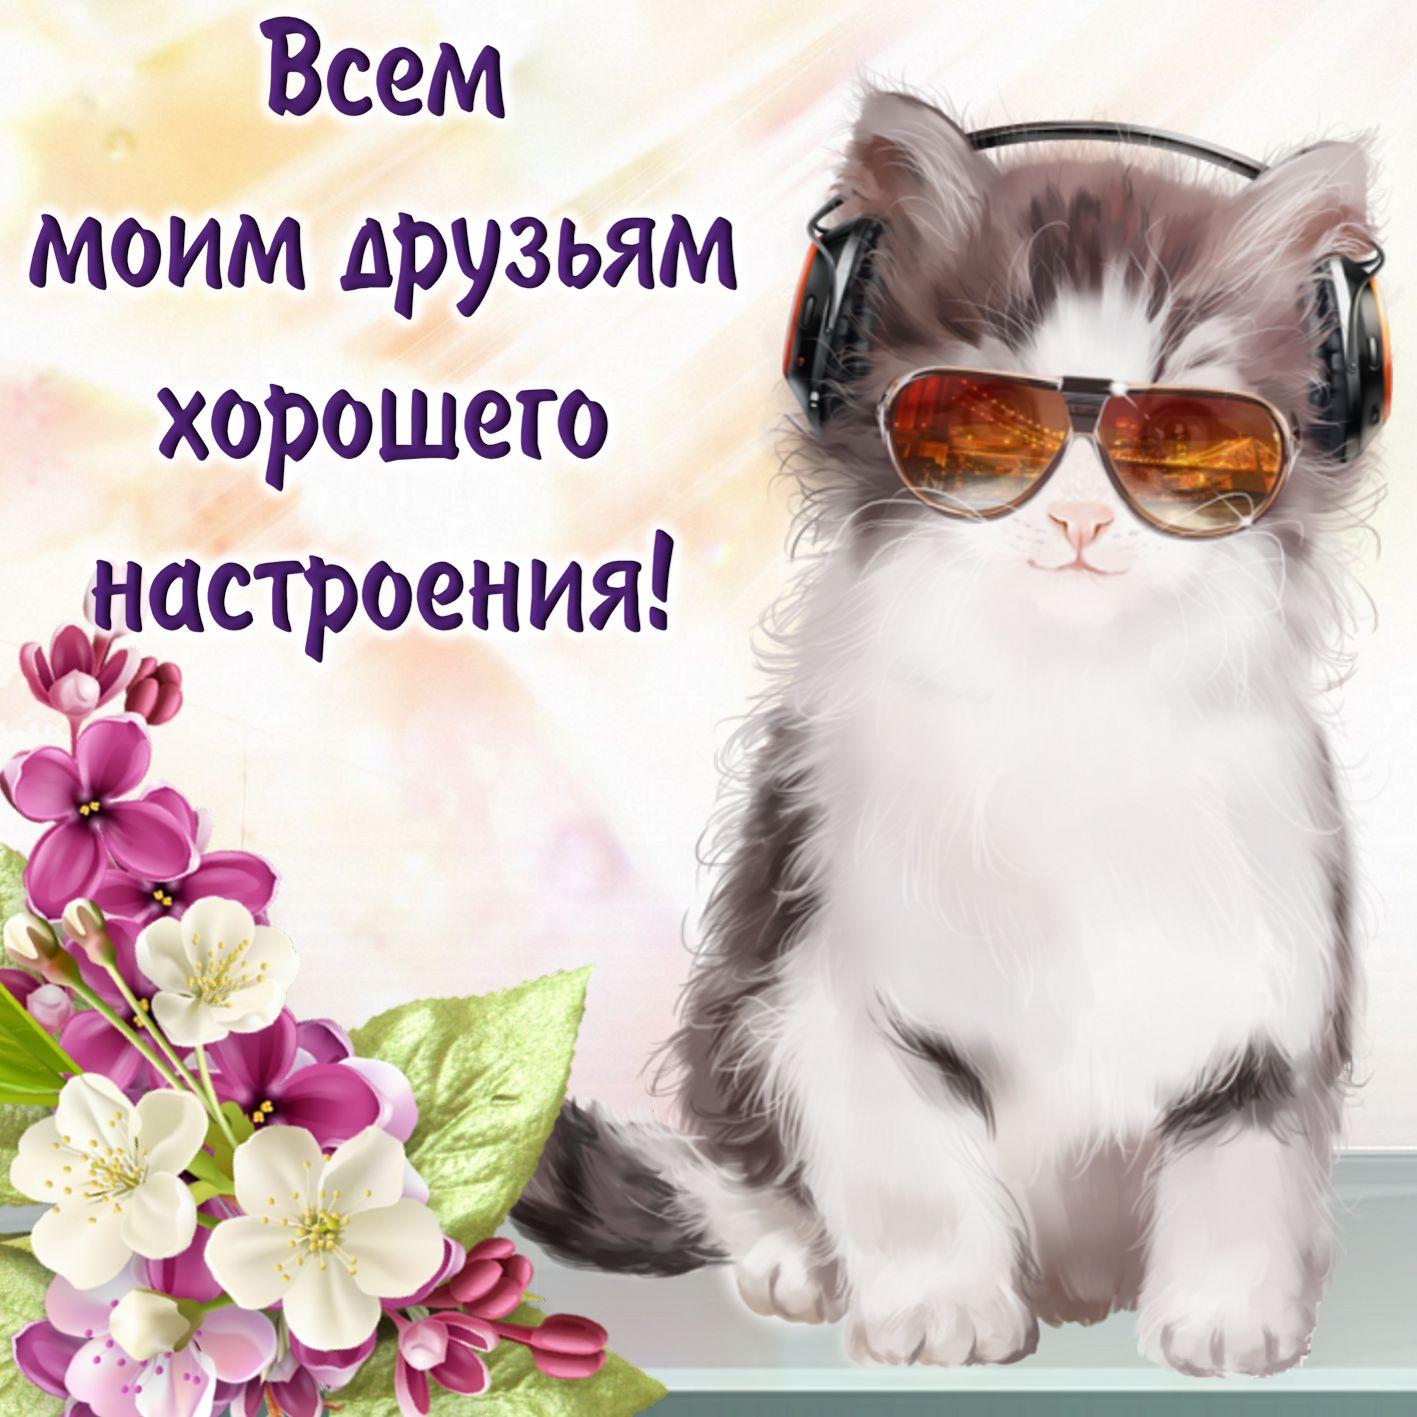 Спасибо, открытки с хорошим настроением для друзей